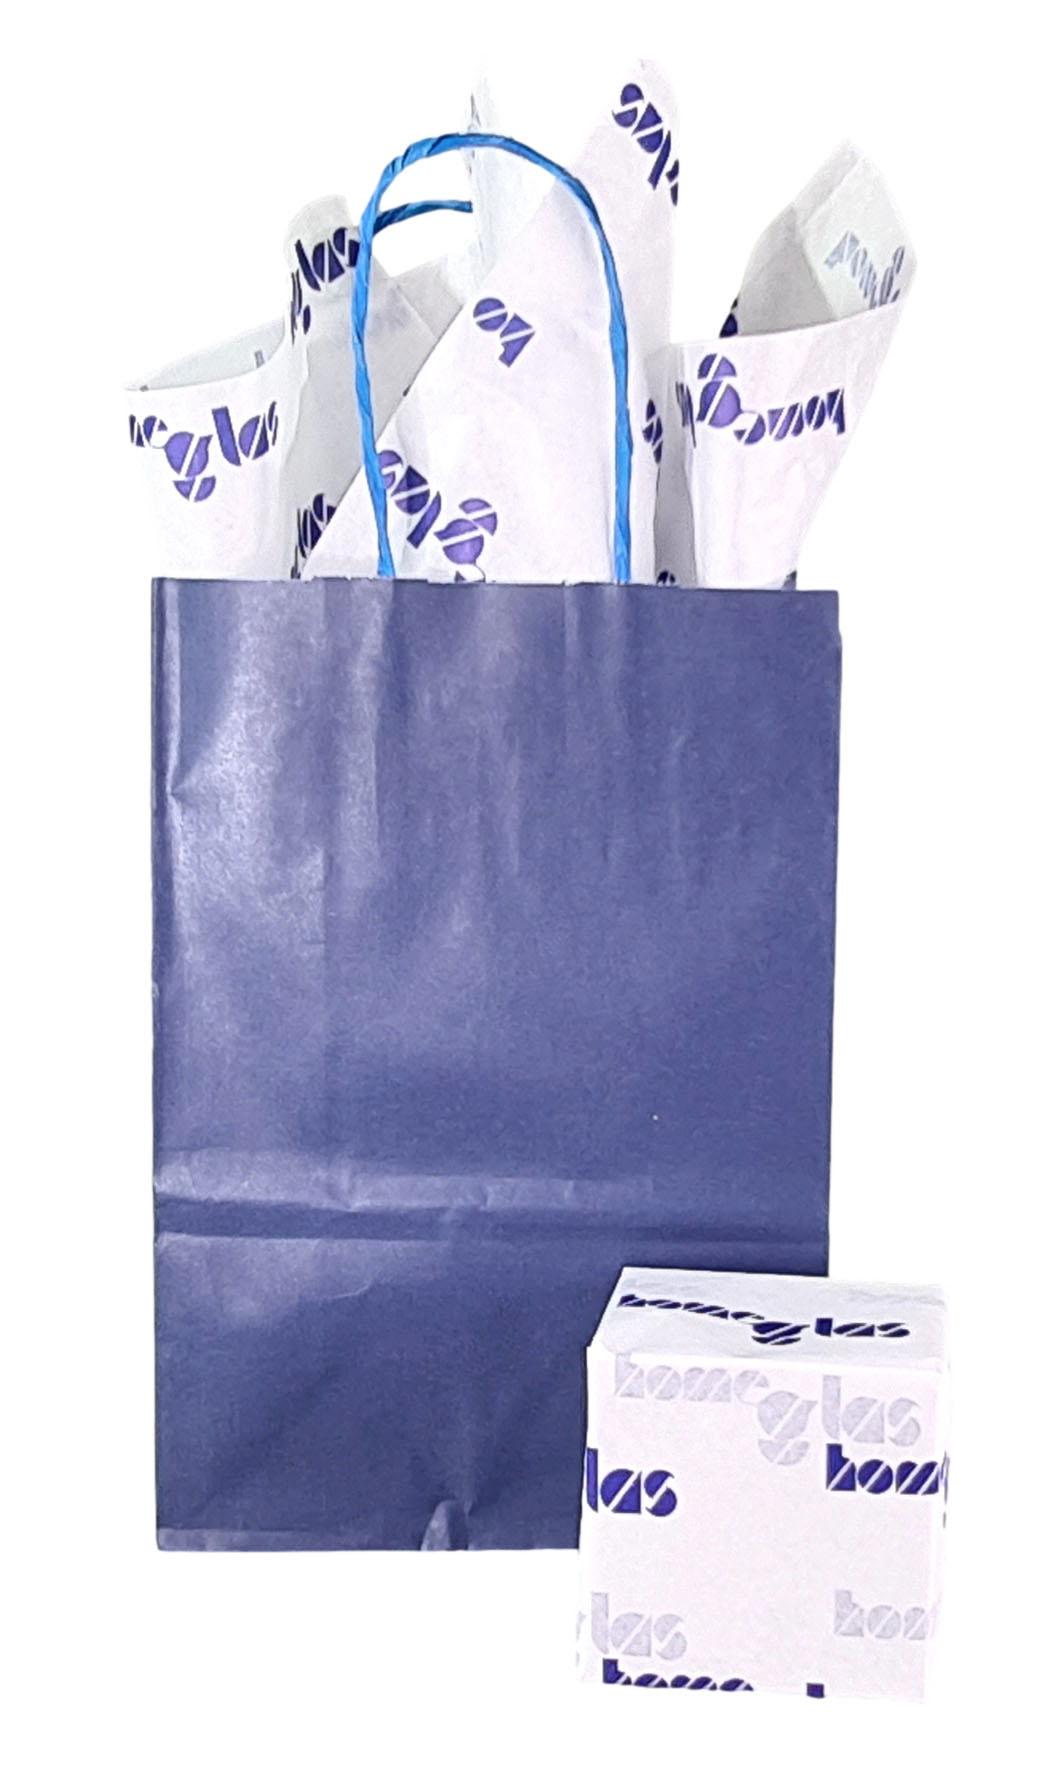 Papel de Seda Personalizado 20g/m - Tamanho 50 x 70 - Linha paper 431  - Litex Embalagens